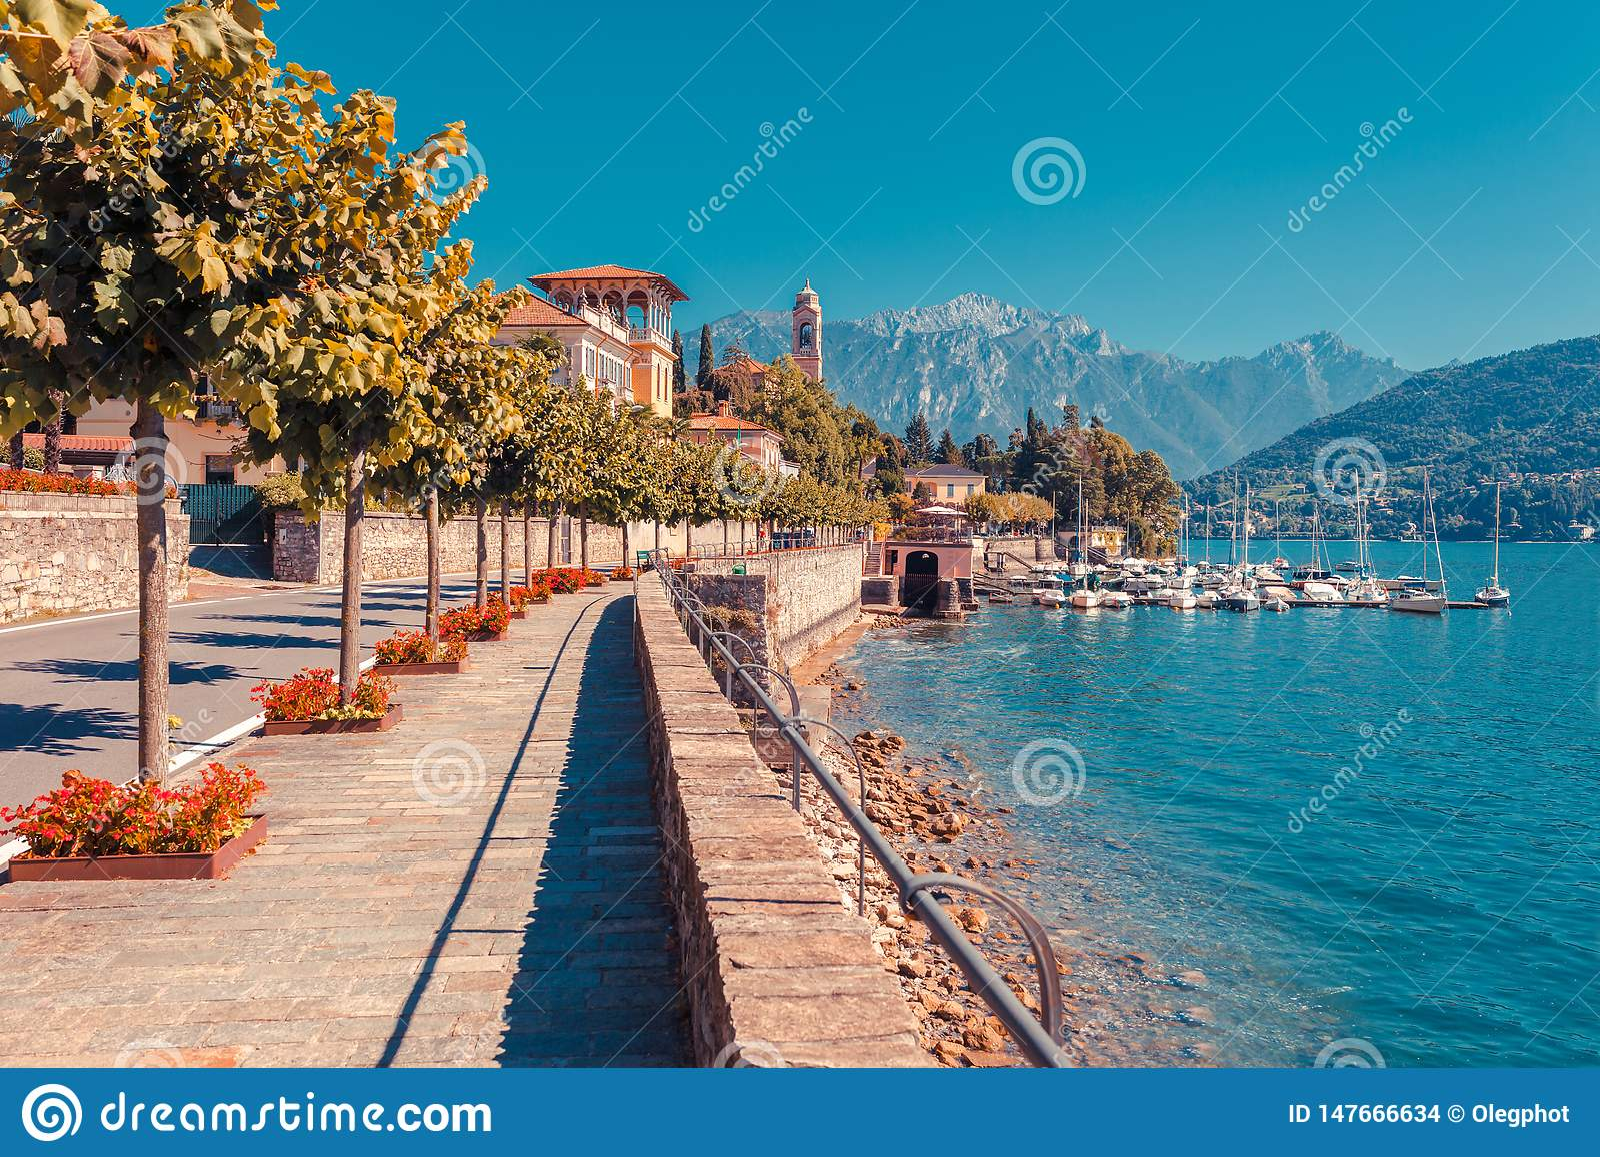 Paisaje del panorama en el lago hermoso Como en Tremezzina, Lombardía, Italia Peque?a ciudad esc?nica con las casas tradicionales